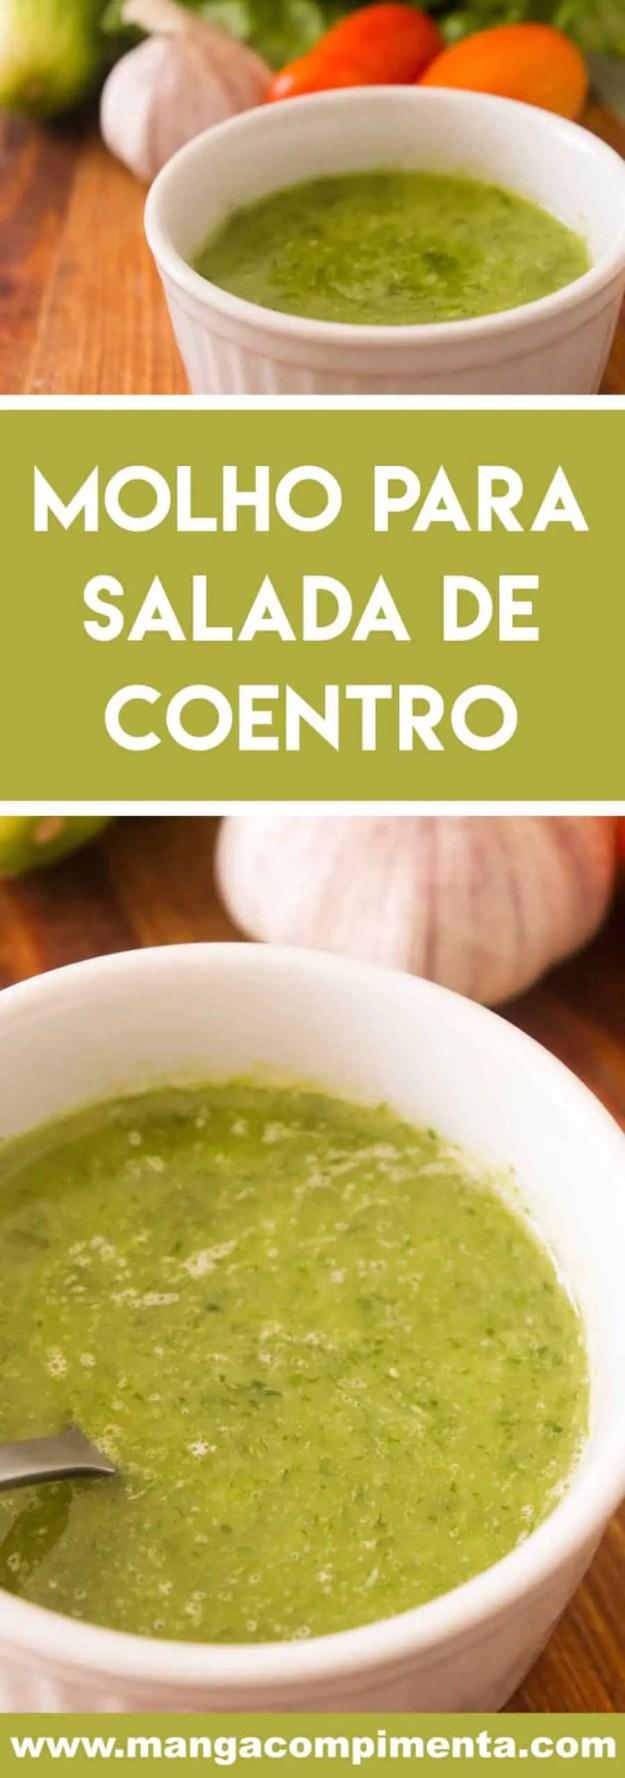 Receita de Molho para Salada de Coentro - deixe a salada do seu almoço mais saborosa!